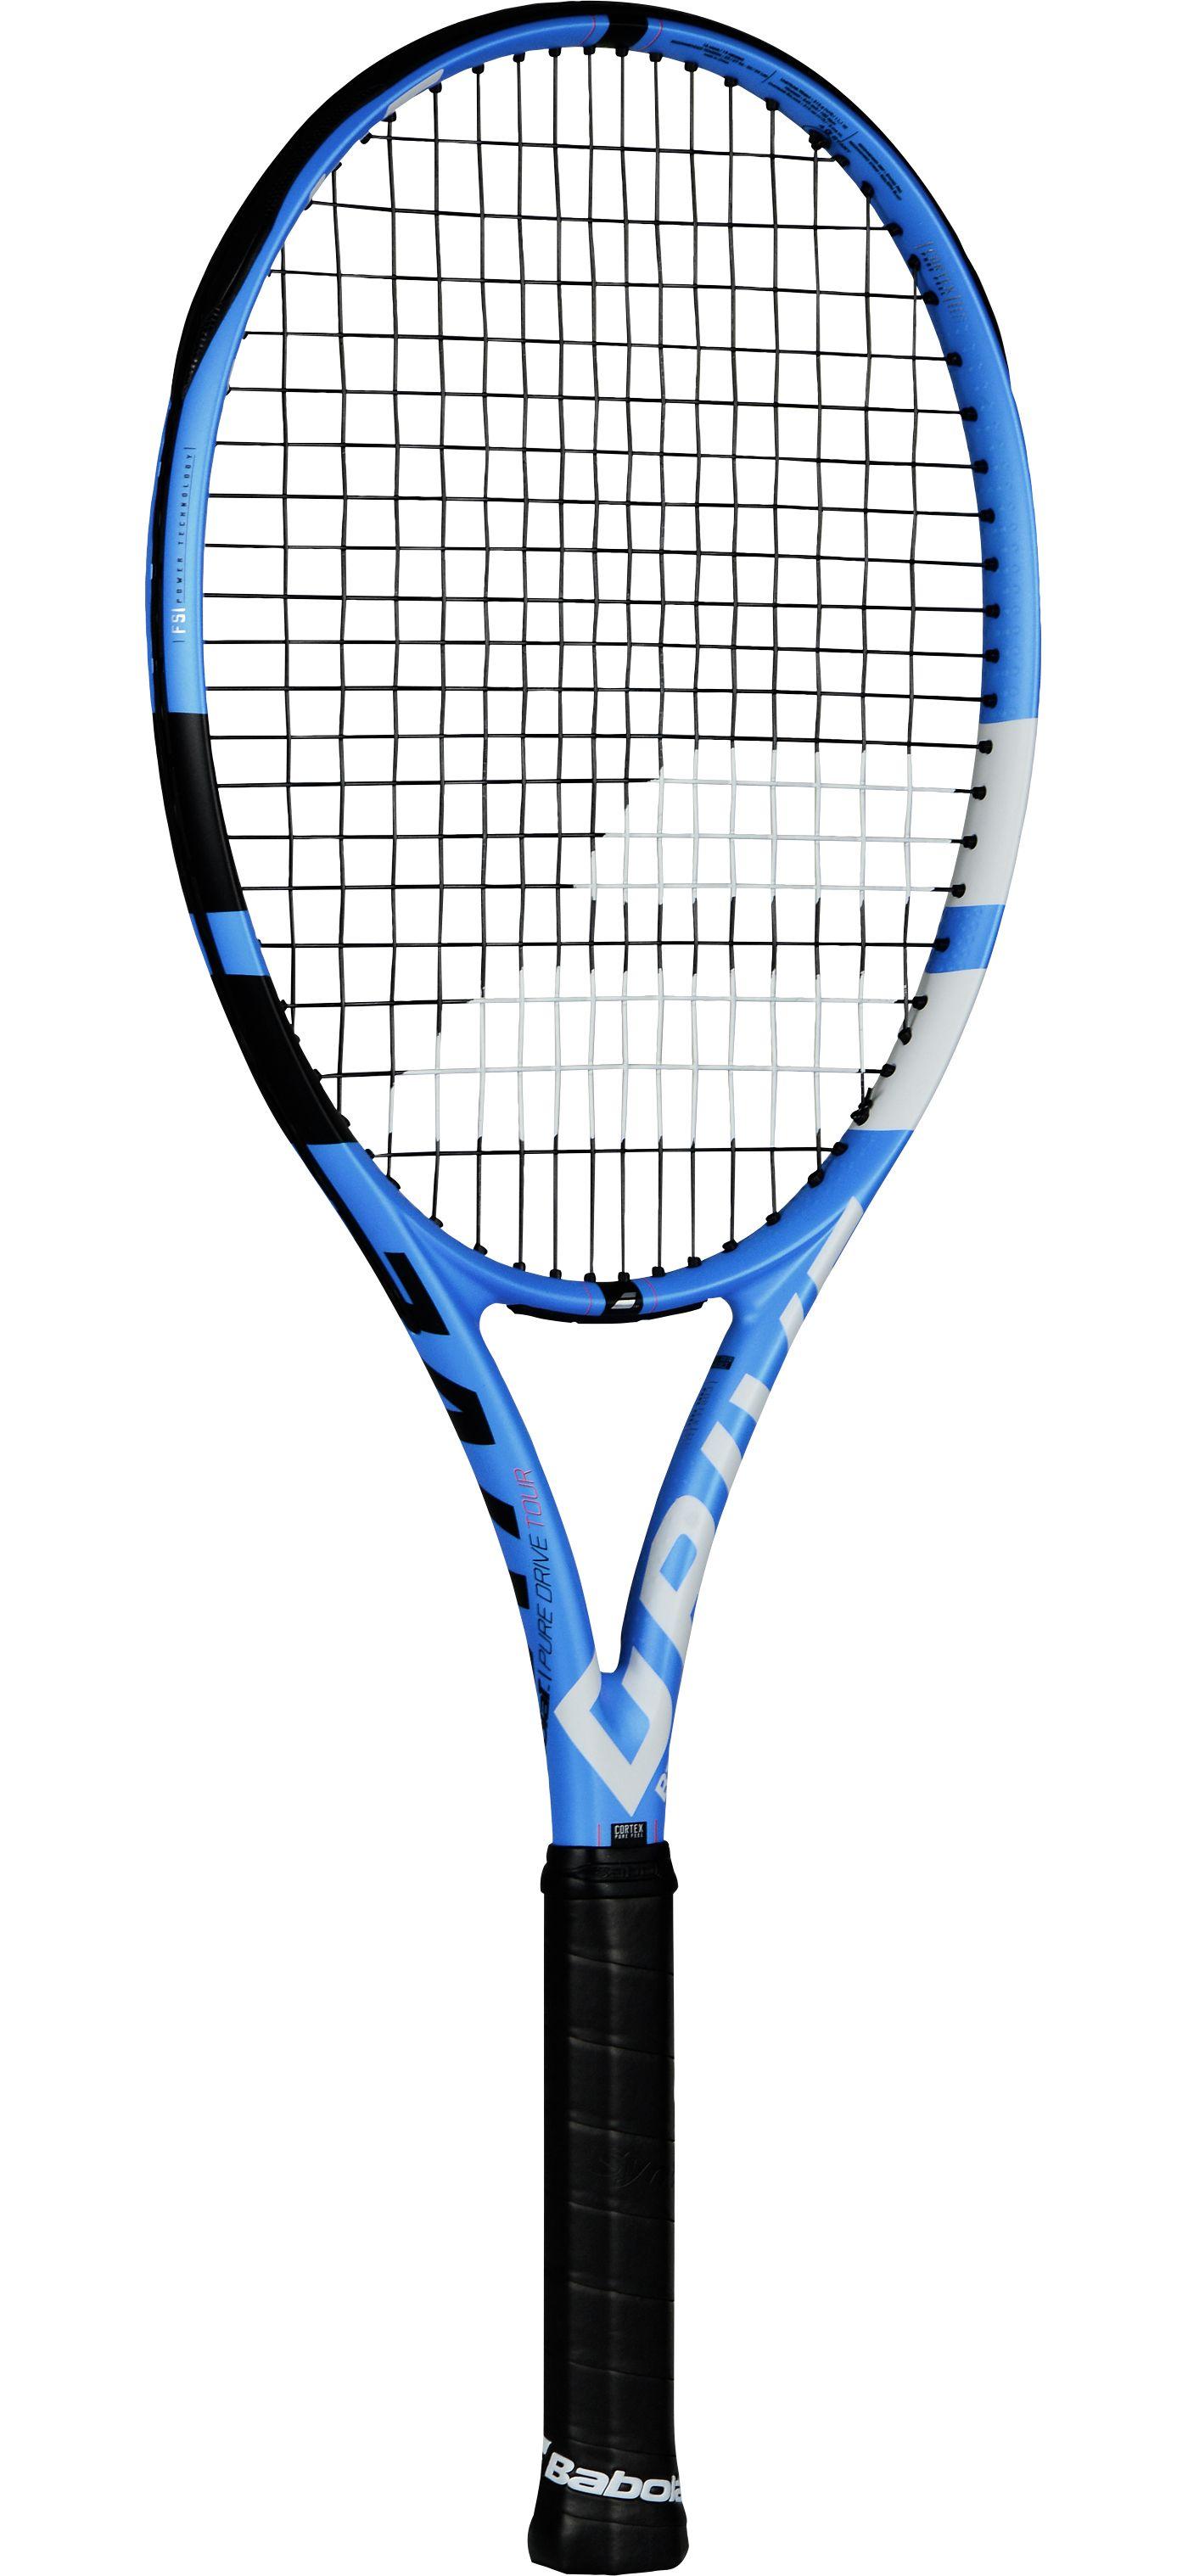 Bablolat Pure Drive Tour Tennis Racquet - Unstrung